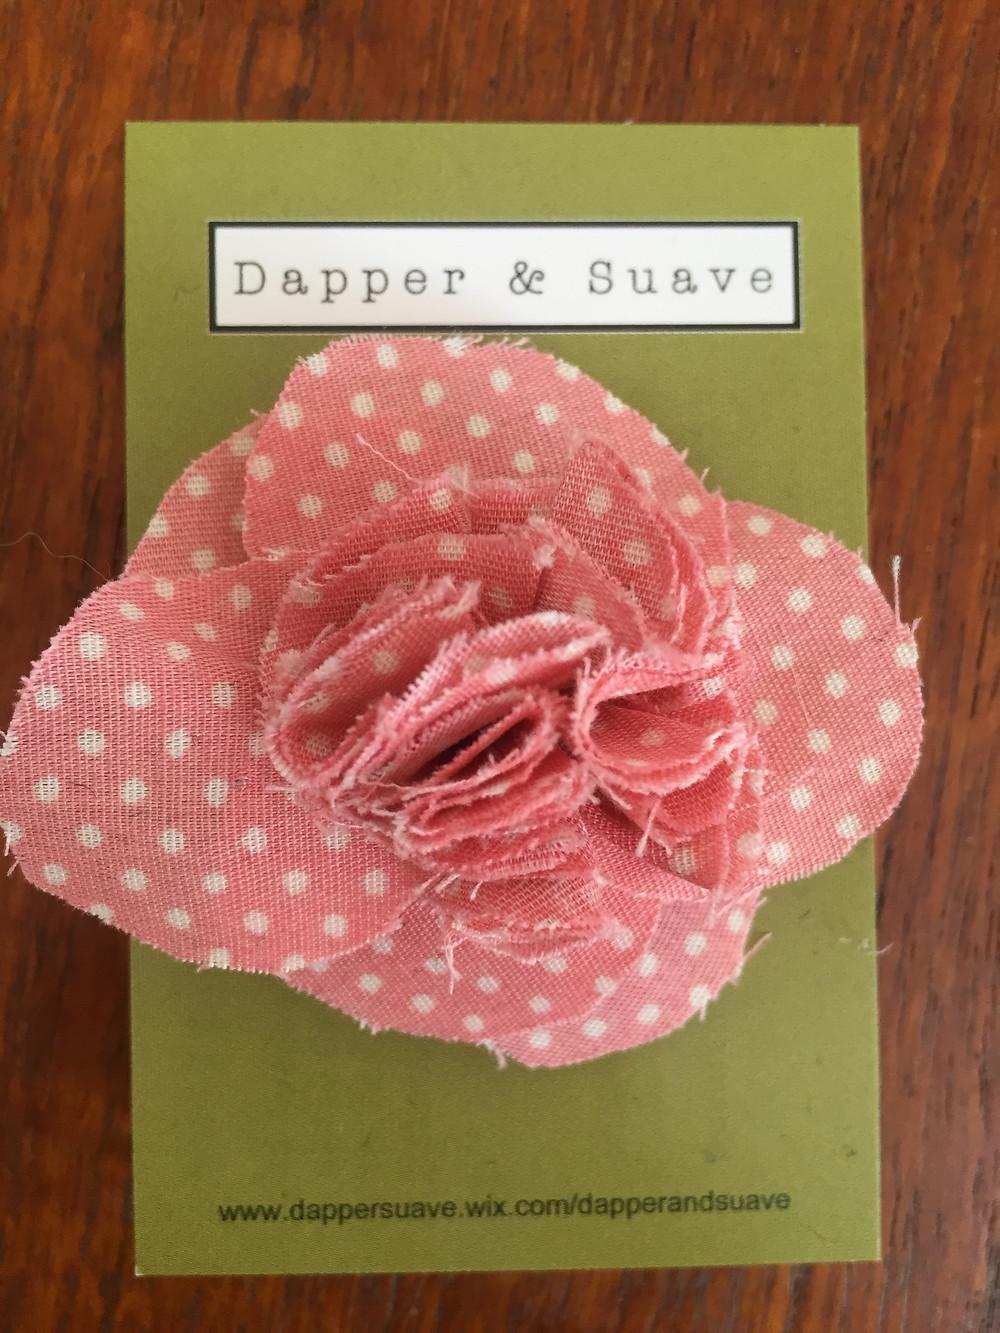 Dapper & Suave Pink Spot Lapel Pin